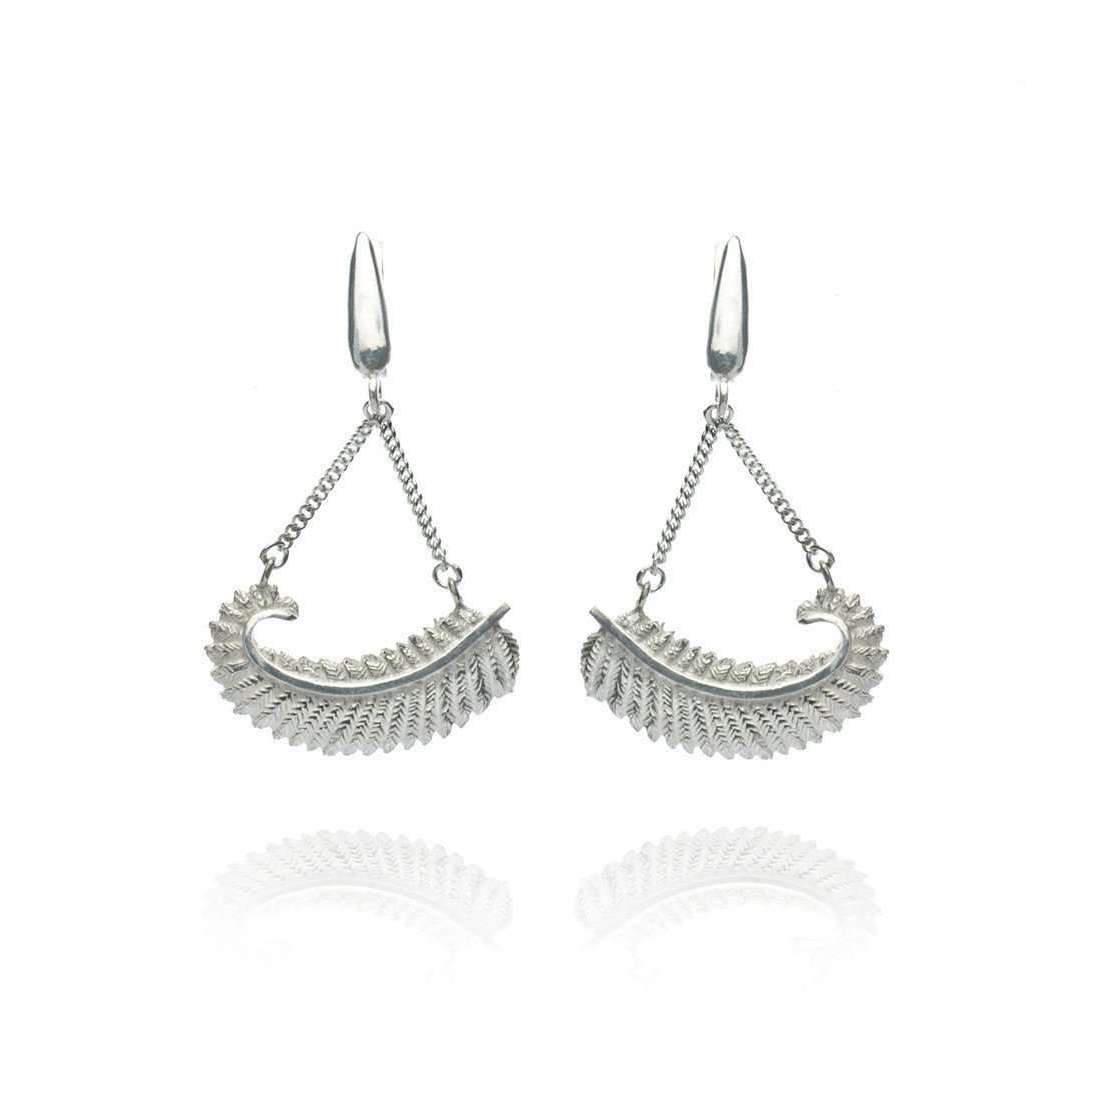 Patience Jewellery Fern Stud Earrings Z5vsf